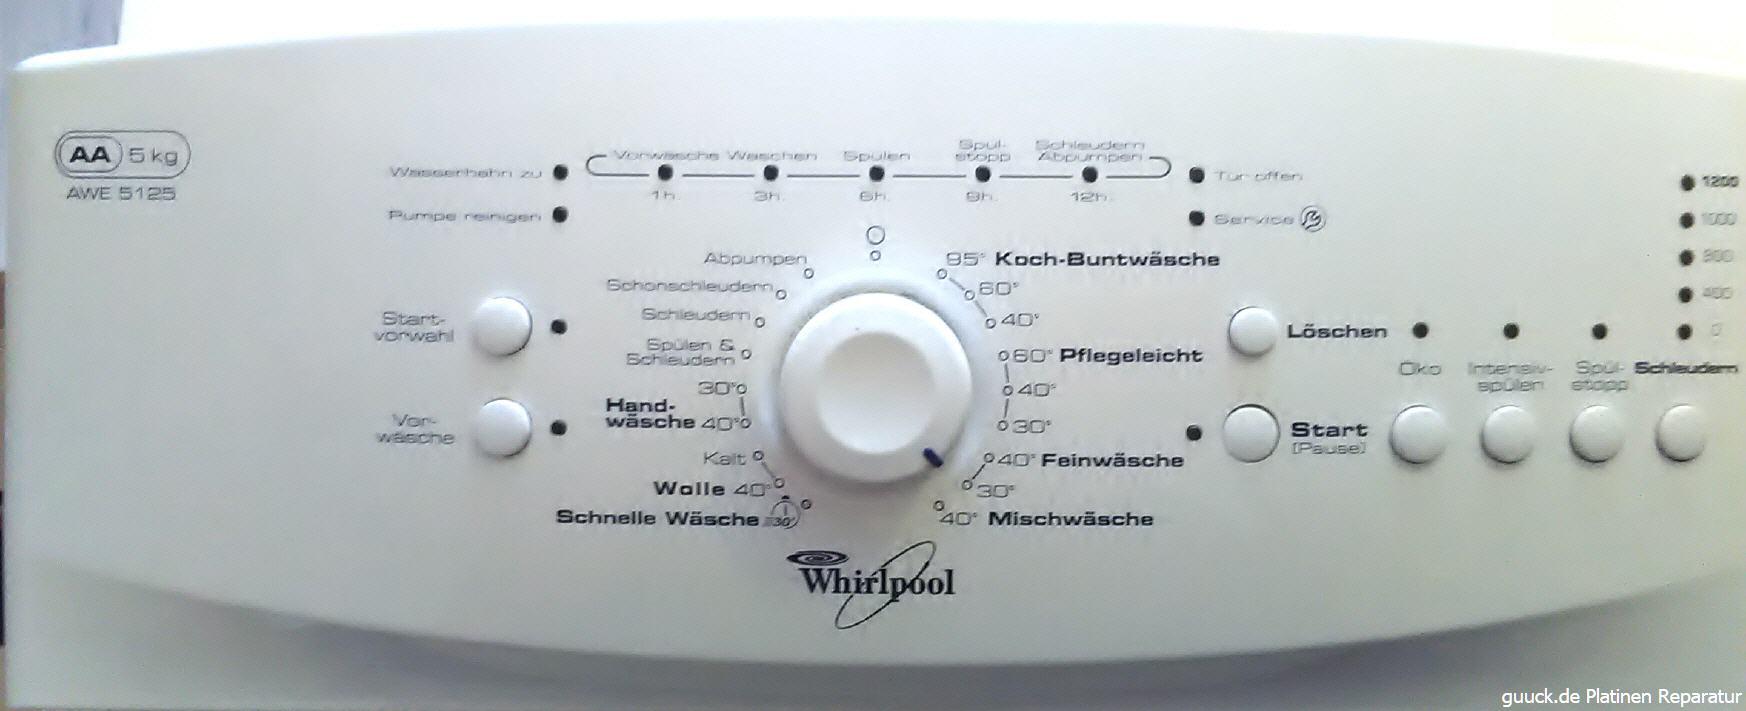 waschmaschine platine defekt wir reparieren ihre defekte. Black Bedroom Furniture Sets. Home Design Ideas